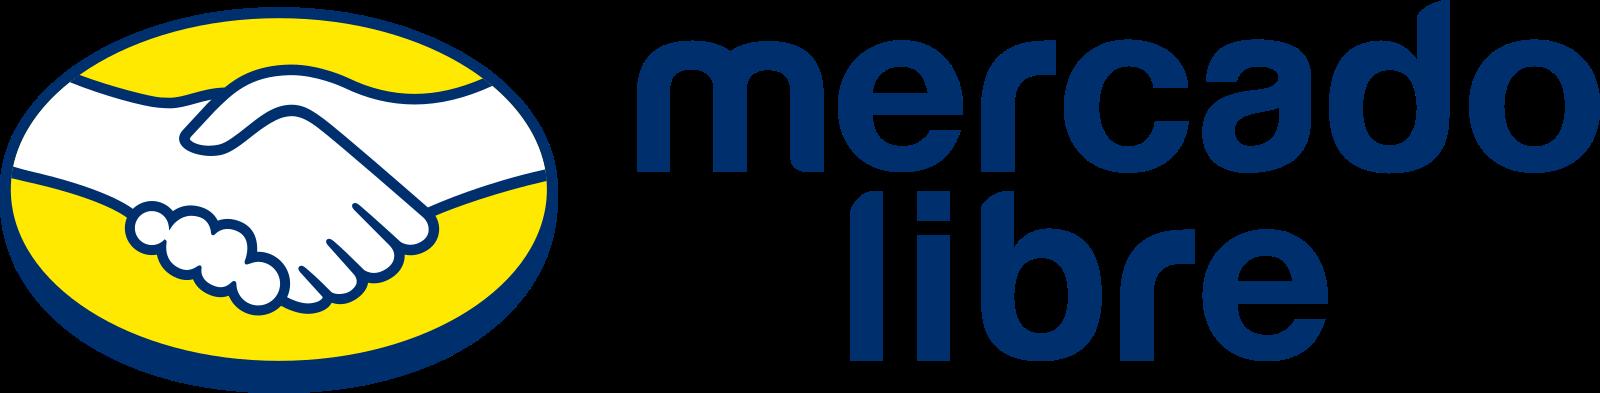 mercado-libre-logo-2